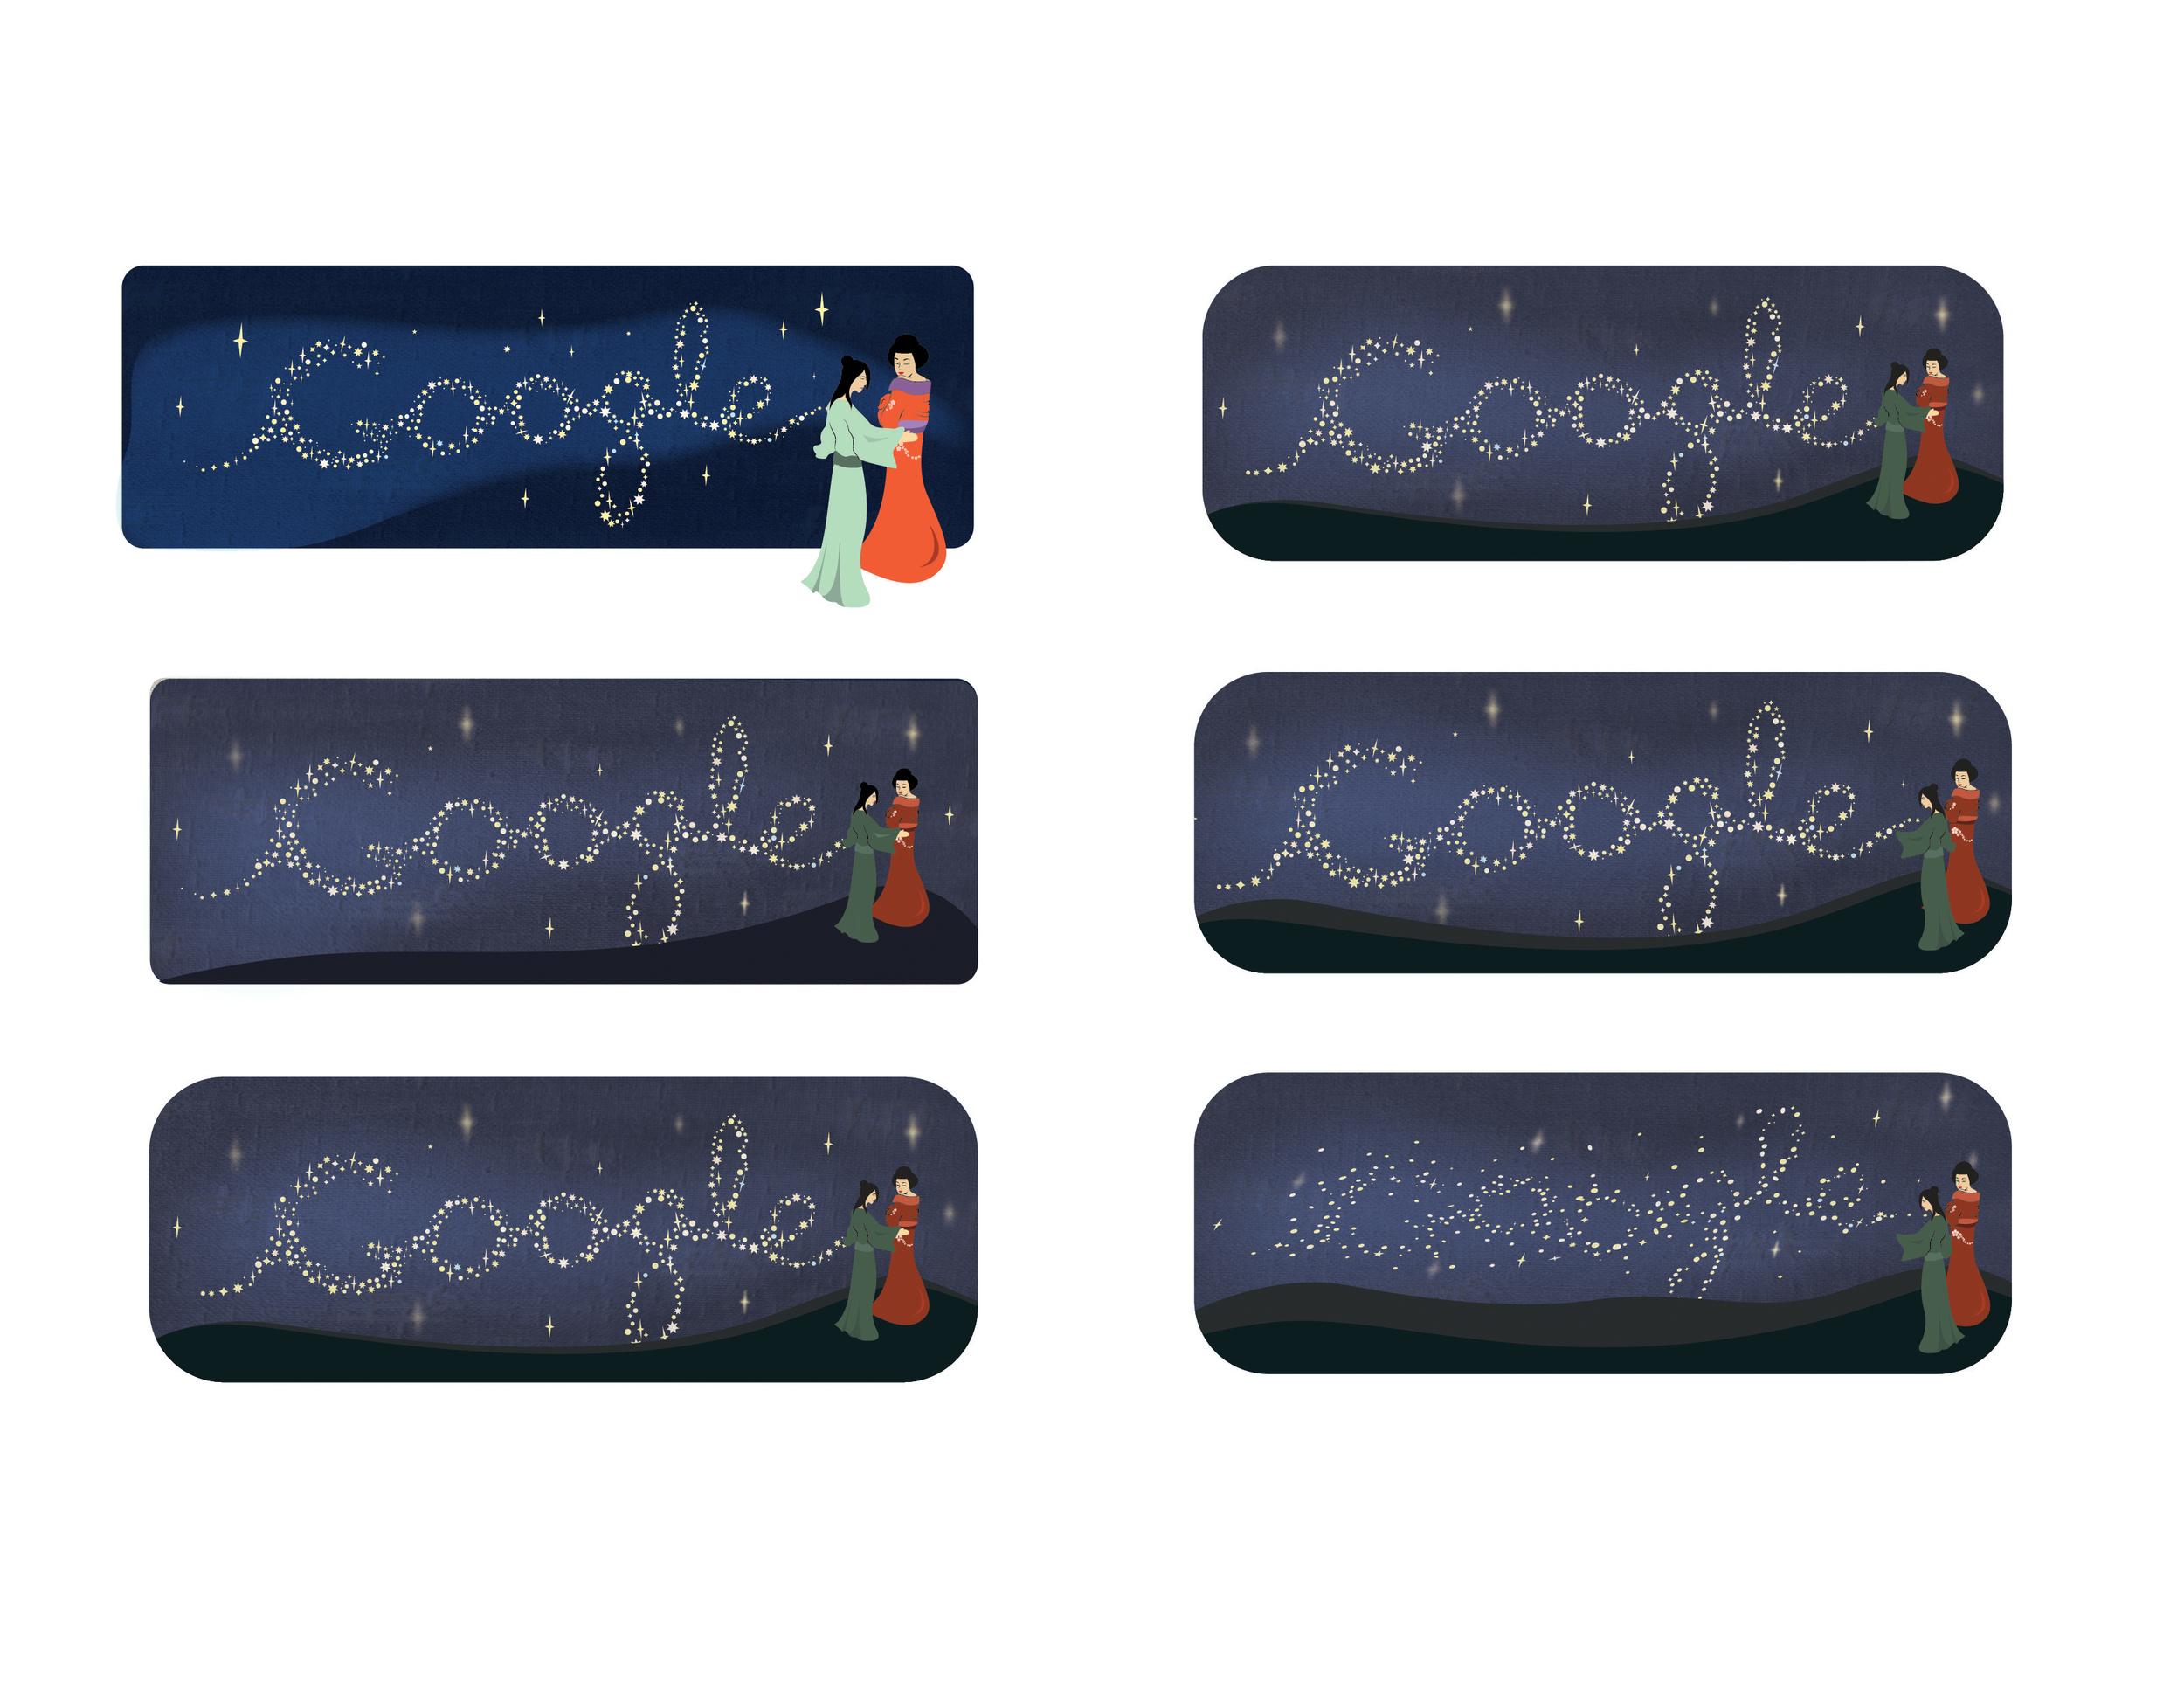 tanabata_sketches-10.jpg